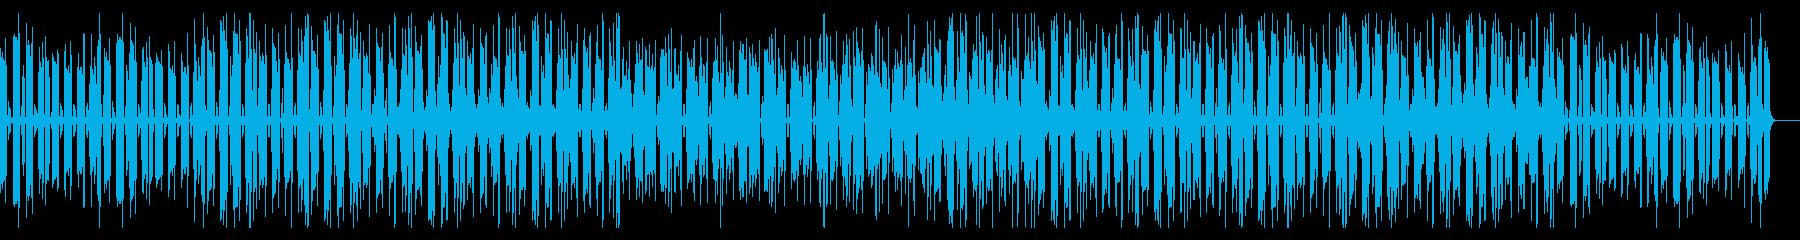 クールで落ち着いた大人の音楽の再生済みの波形